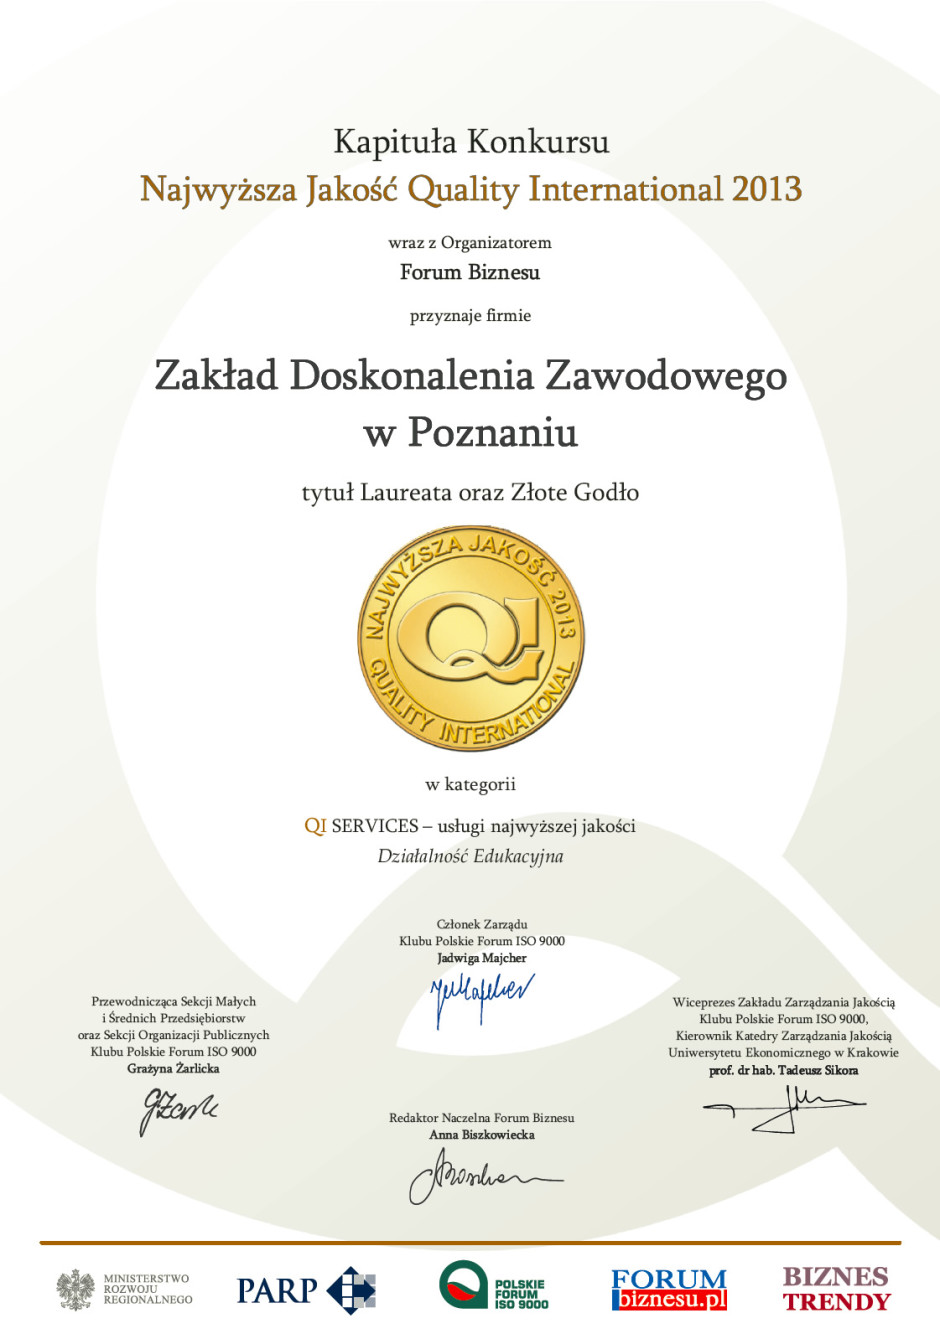 Medal Certyfikat Najwyższa Jakość 2013